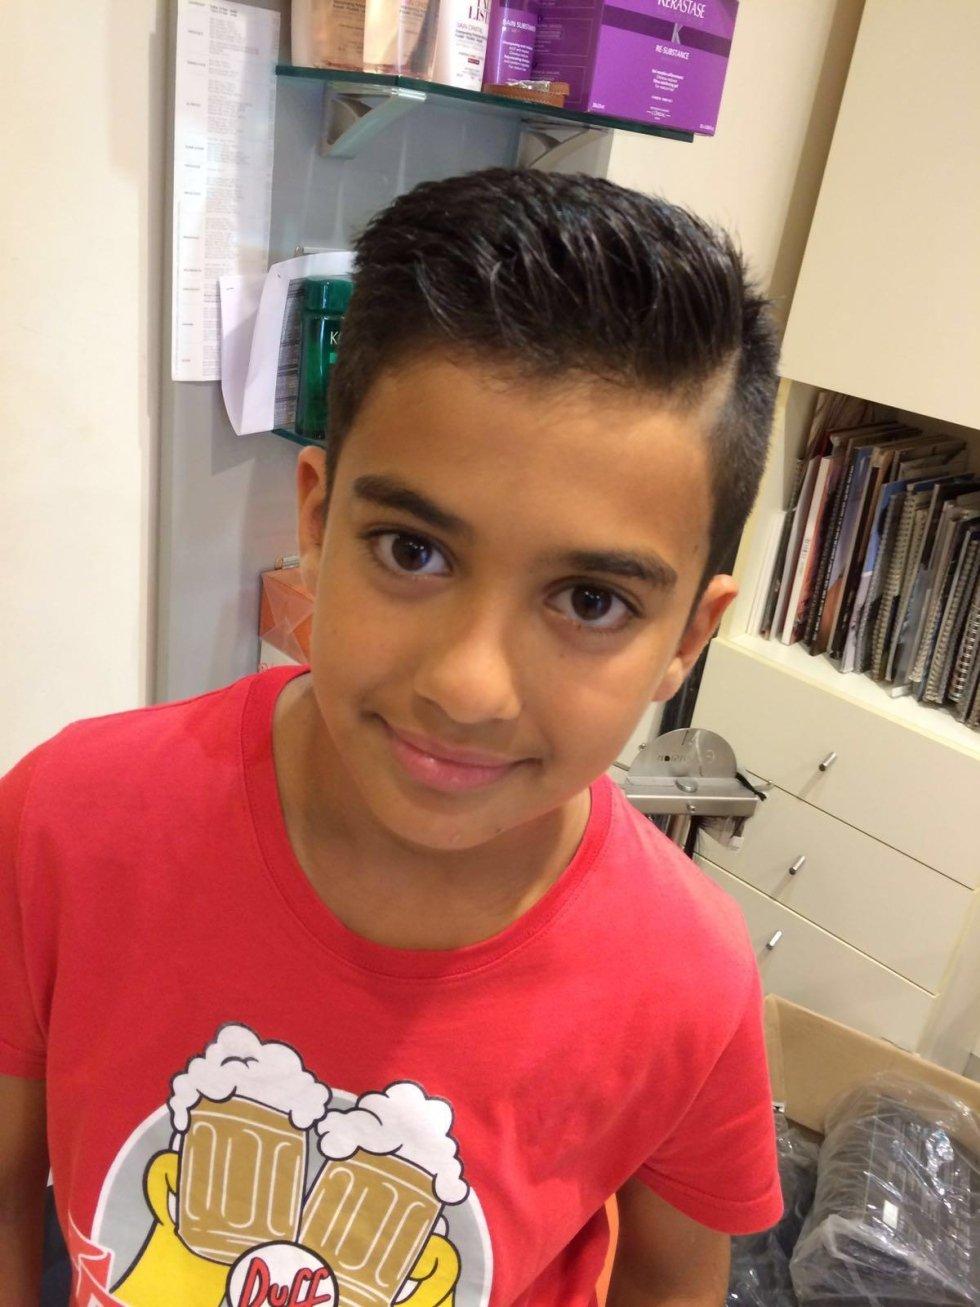 taglio capelli bambino genova